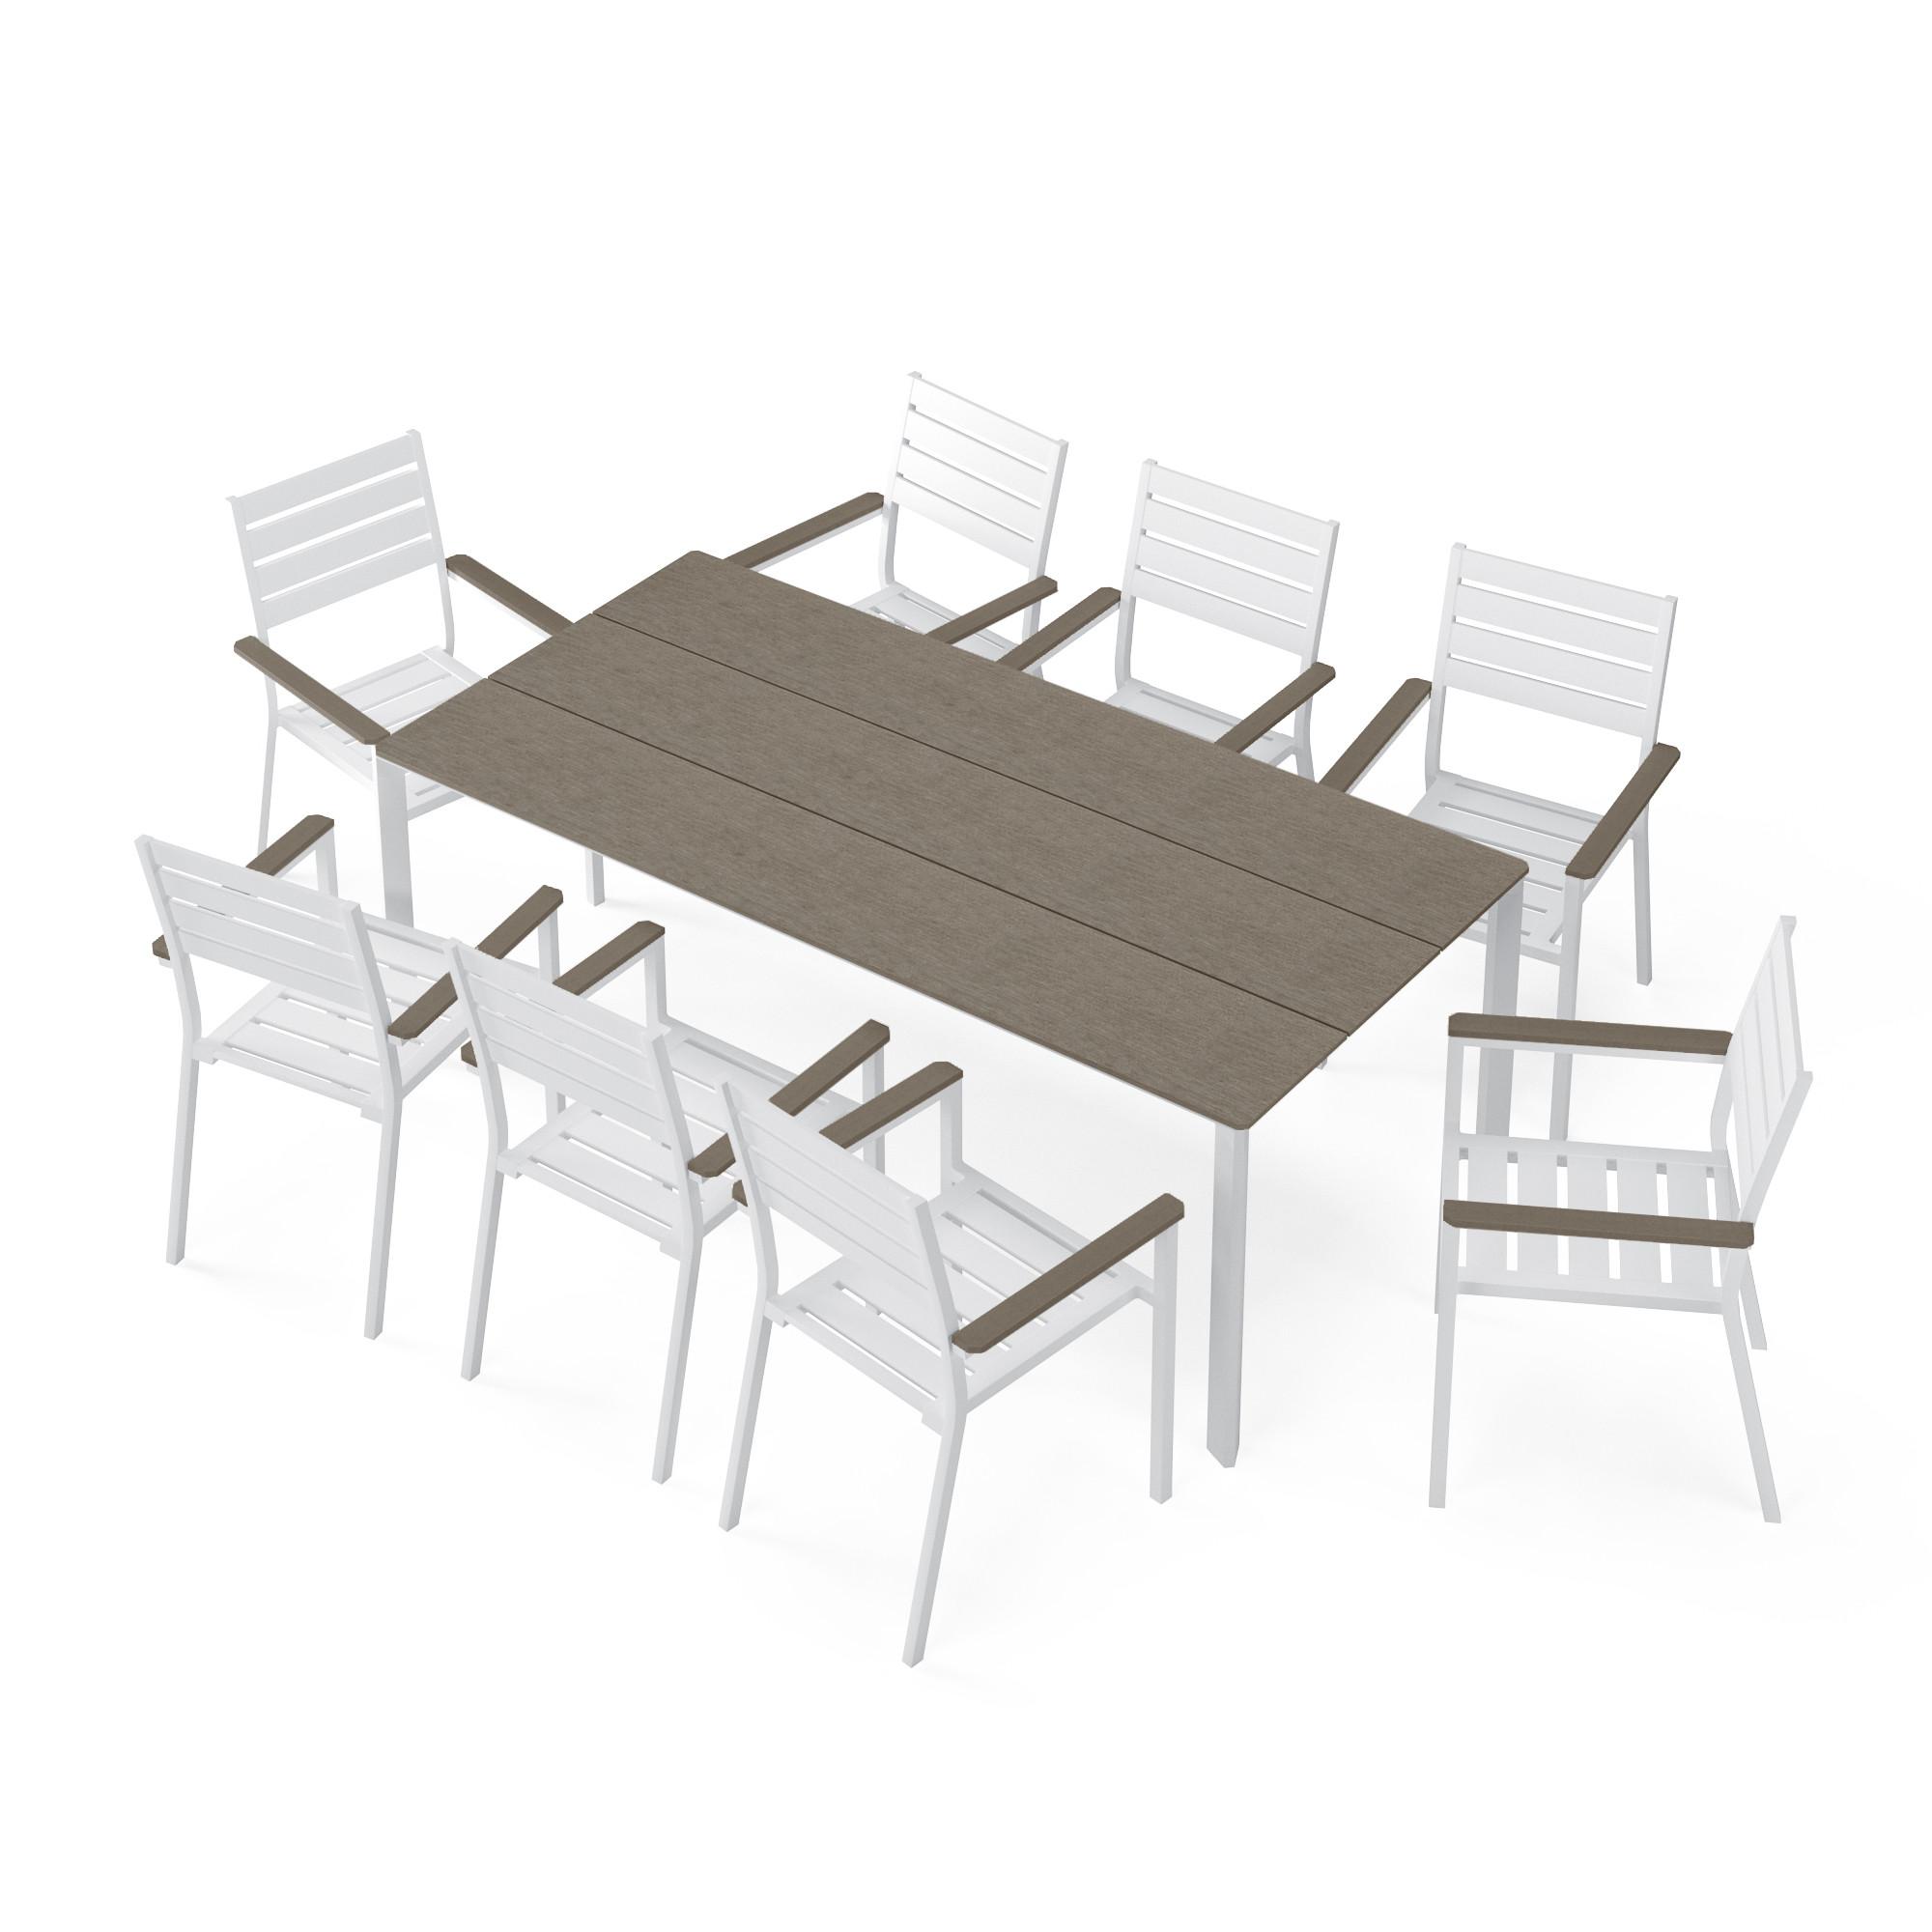 Salon de jardin 8 places en aluminium blanc et bois composite gris